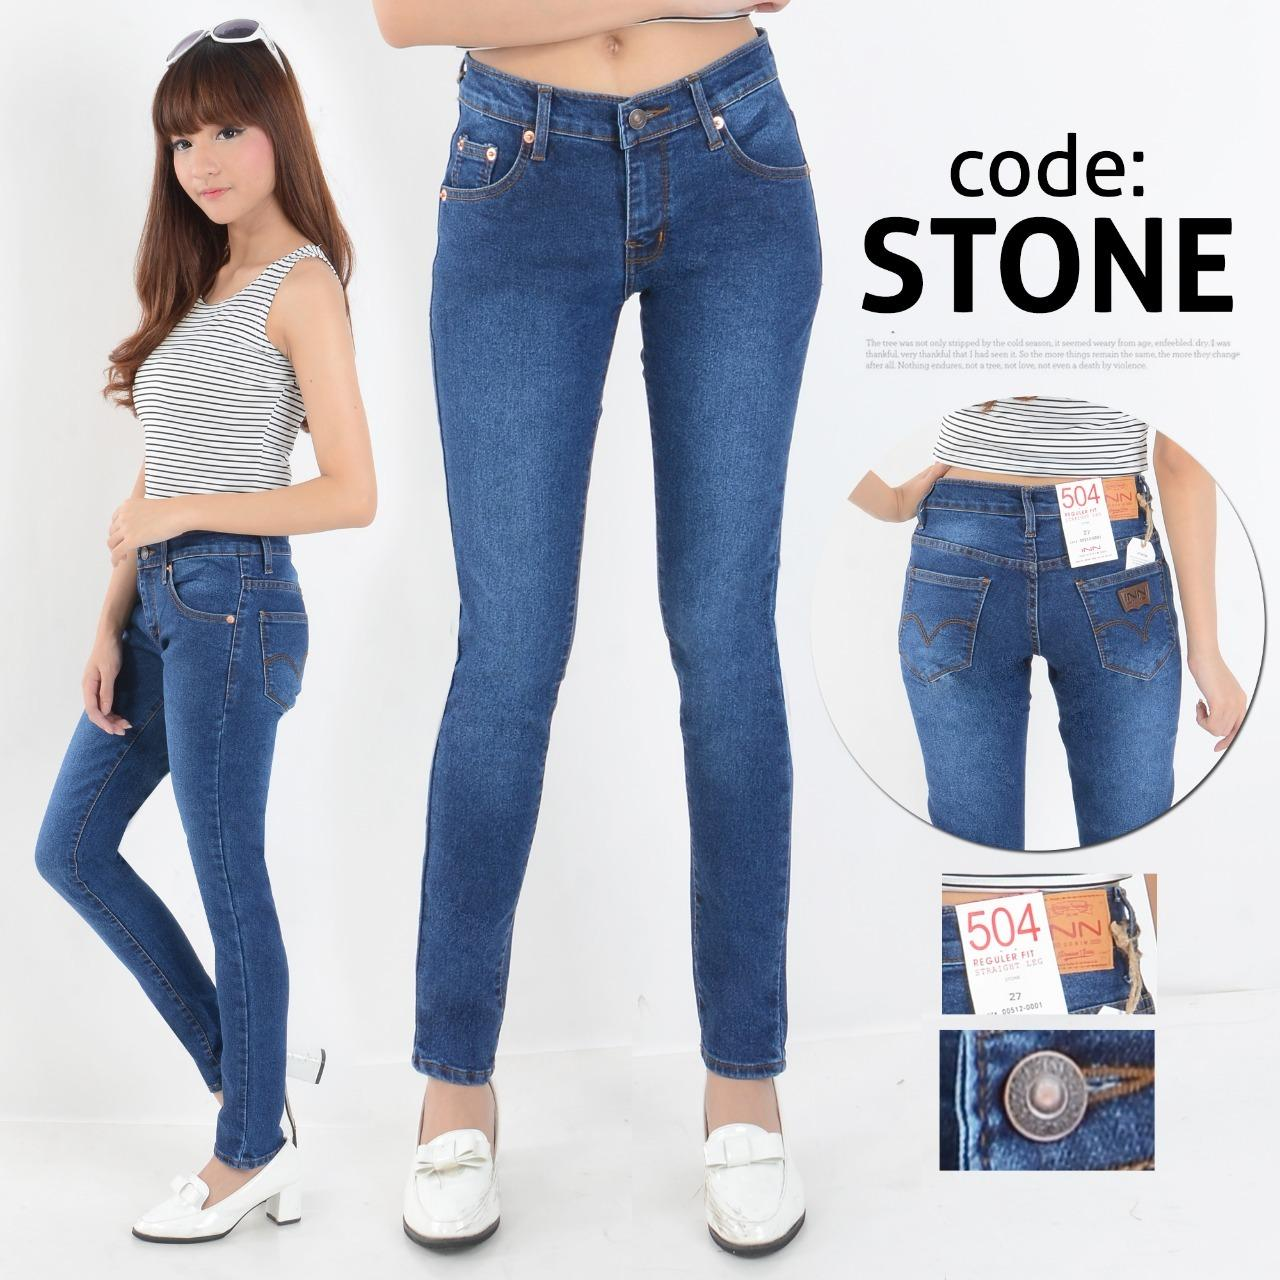 Celana Wanita Skinny Street Model Terbaru Berbahan Soft Jeans Bagus Murah  Jahitan Rapi 087cd922c5